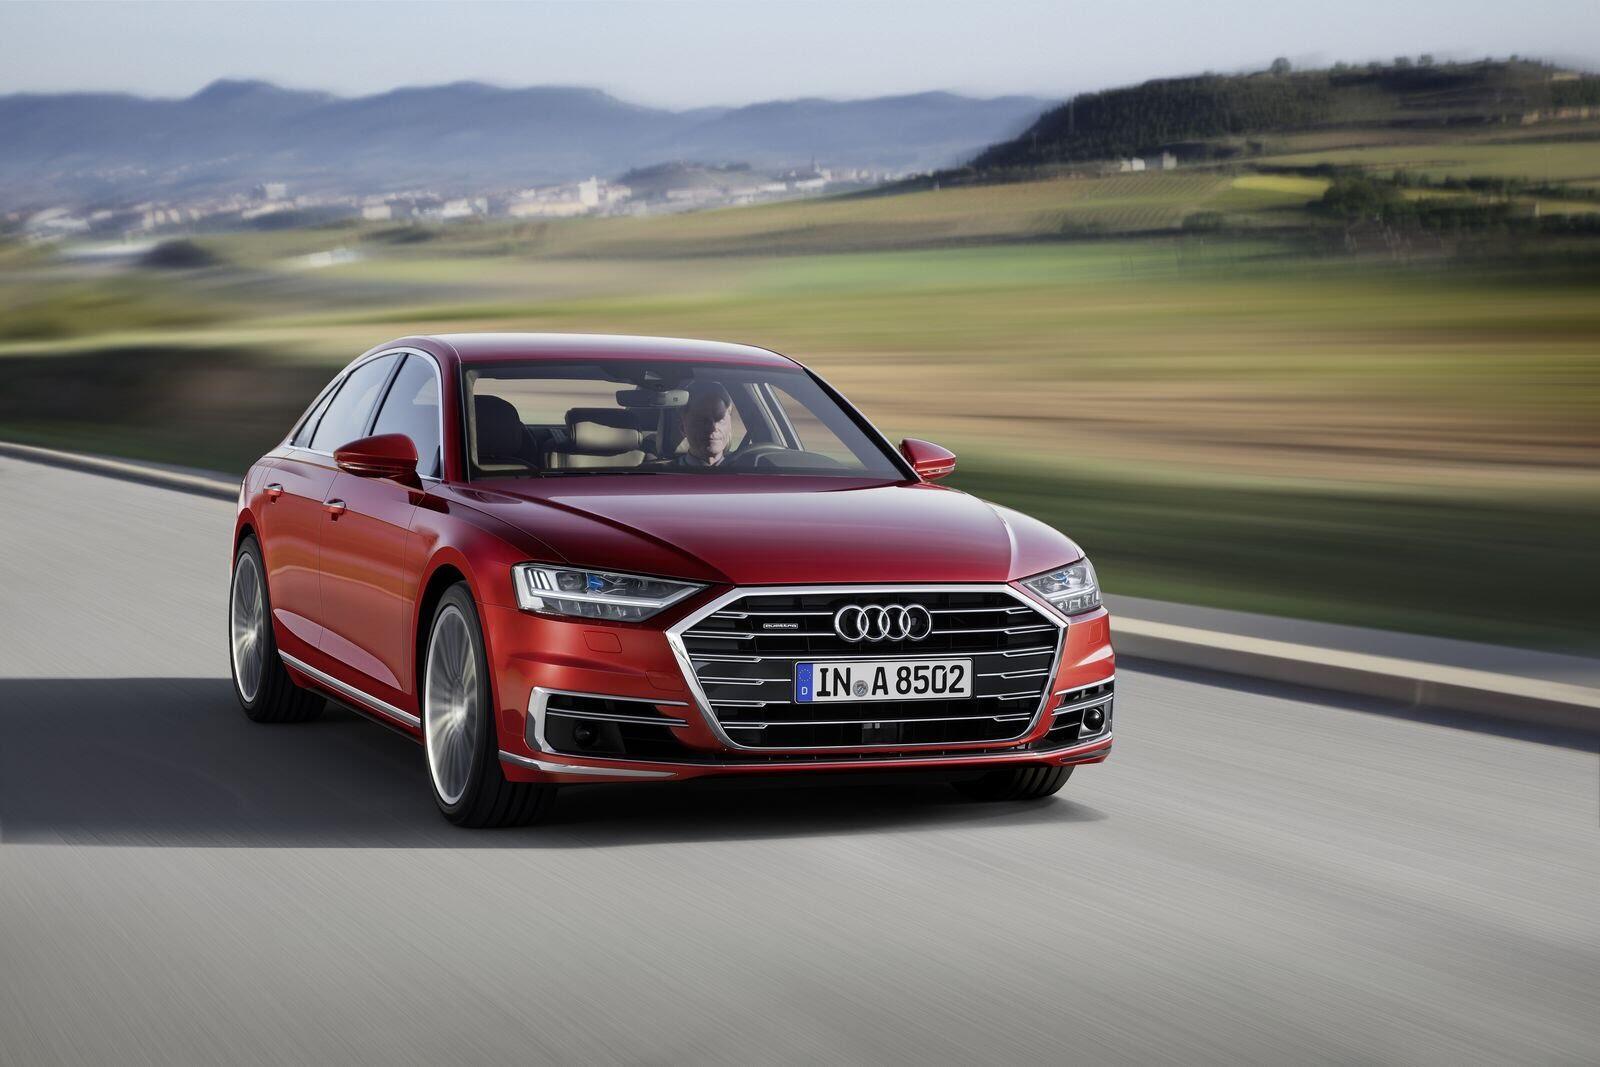 Audi A8 hoàn toàn mới chính thức ra mắt với đầy ắp công nghệ - Hình 4